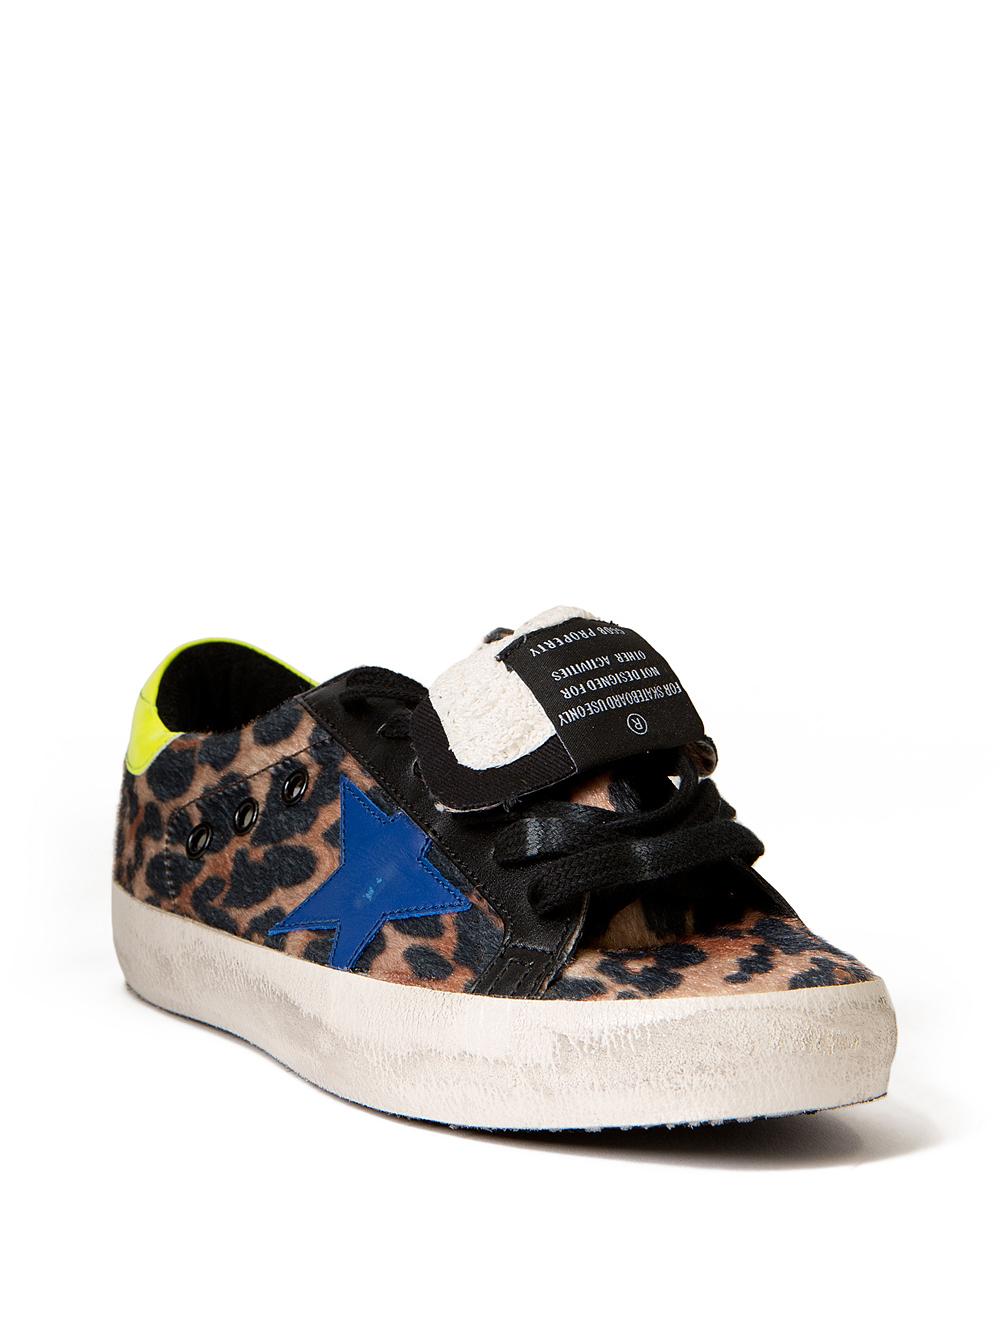 Golden Goose Deluxe Brand Superstar Leopard Sneakers Lyst